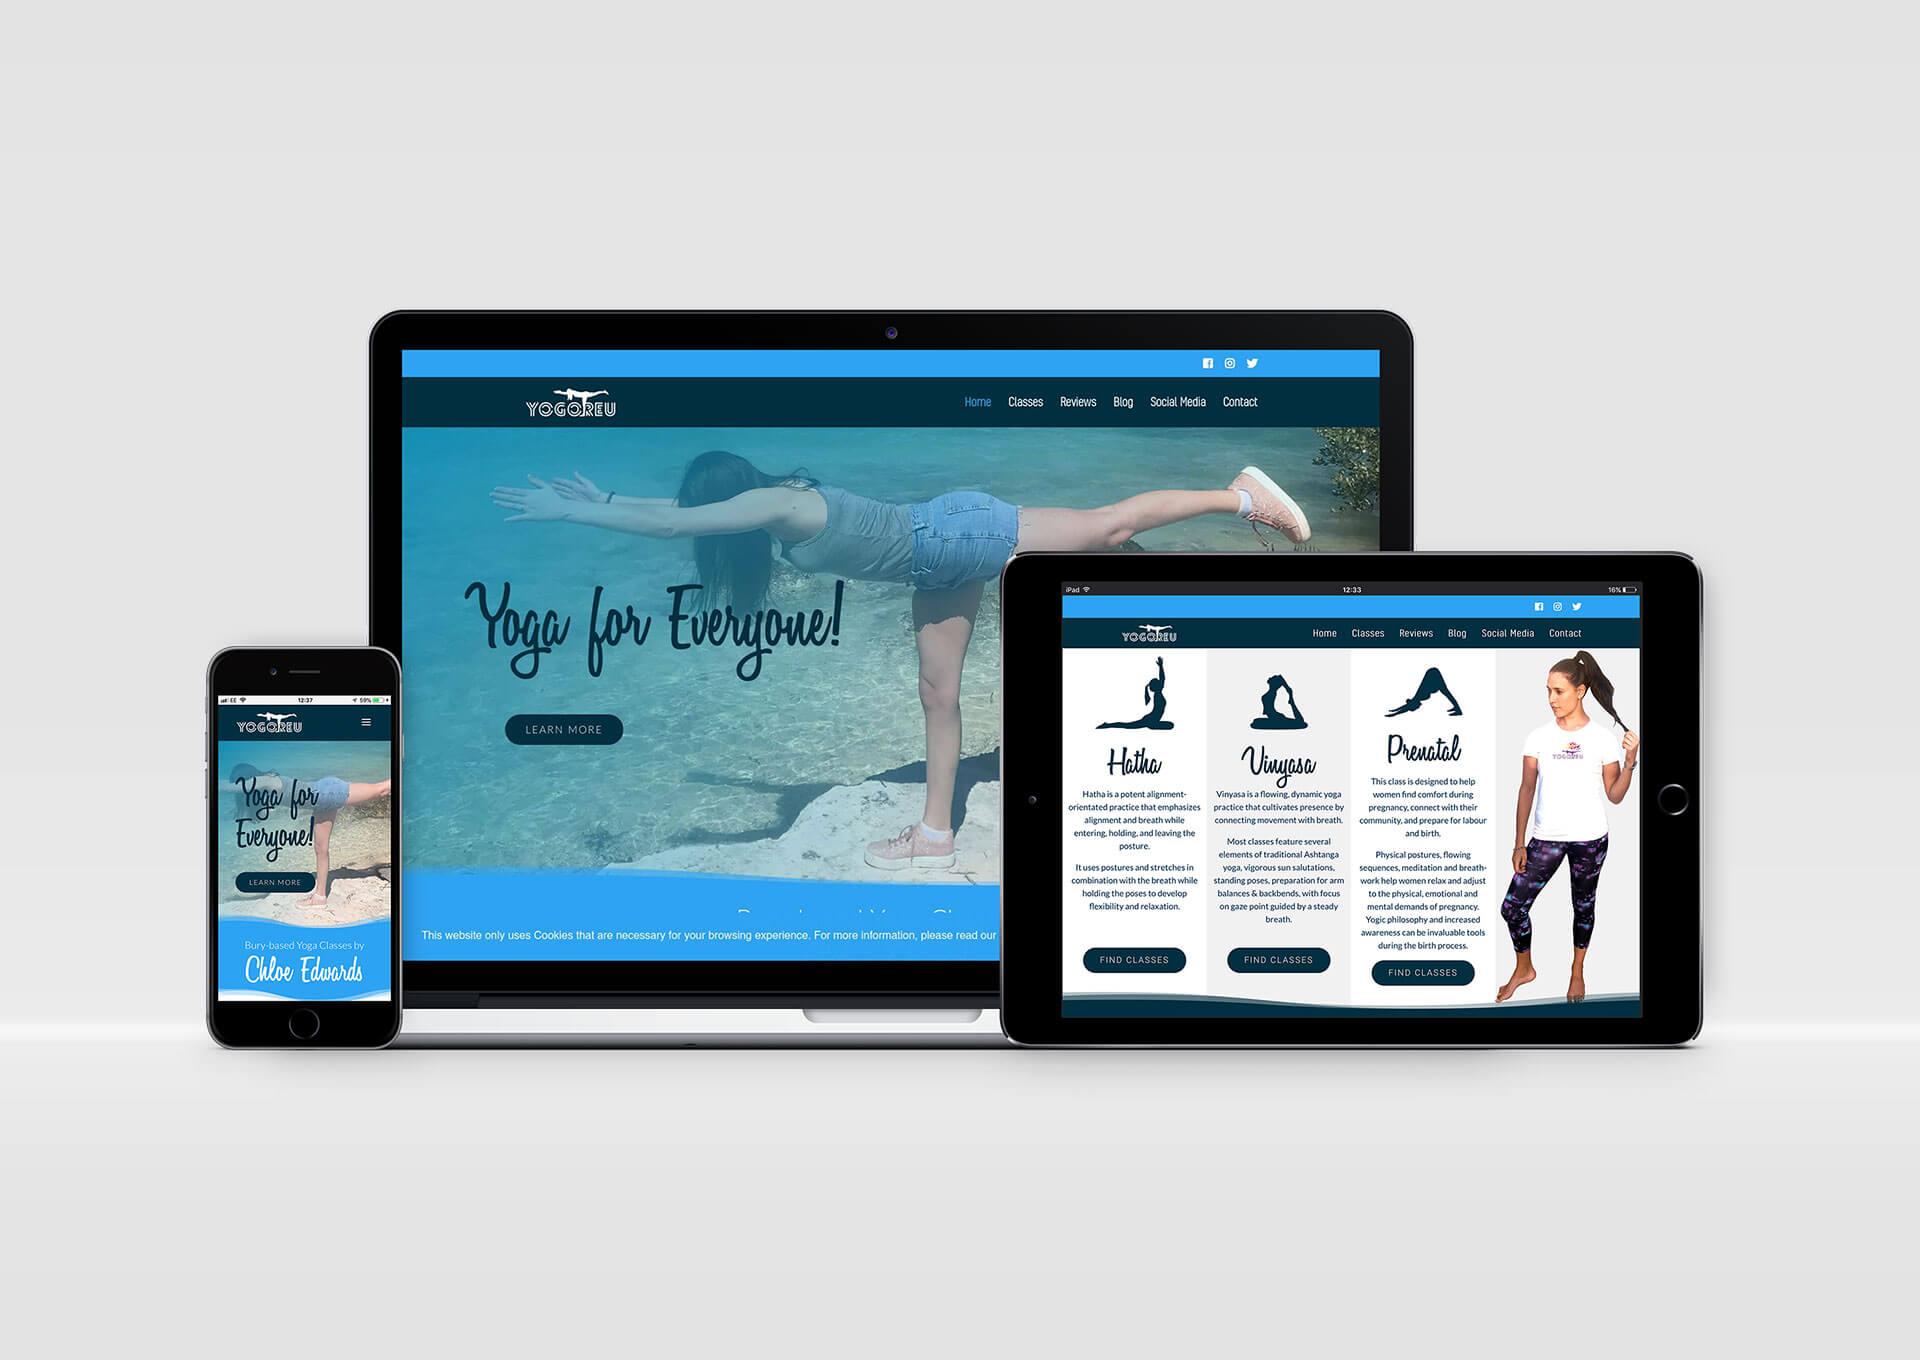 Yogoreu Web Site Design